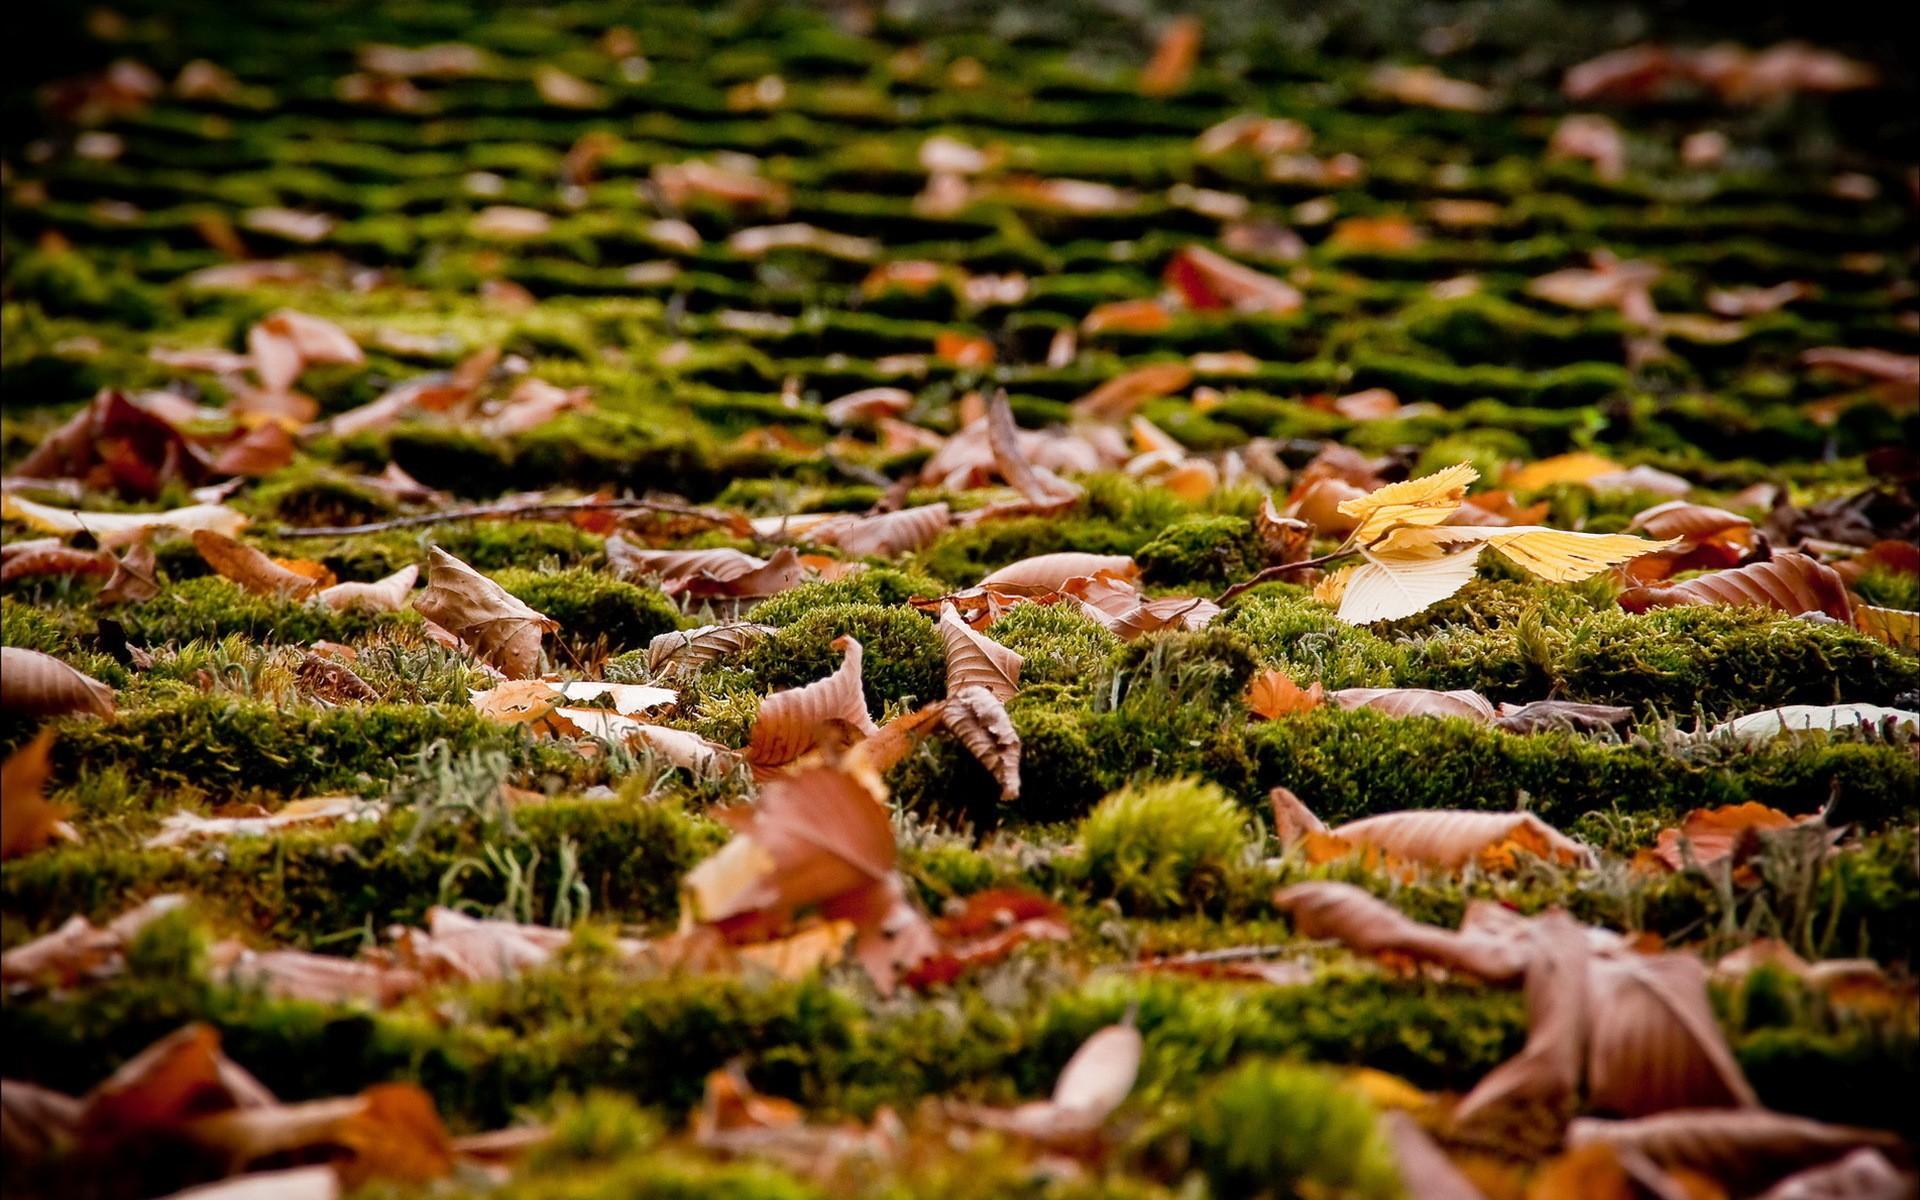 того картинки земля покрытая осенними листьями тебя есть